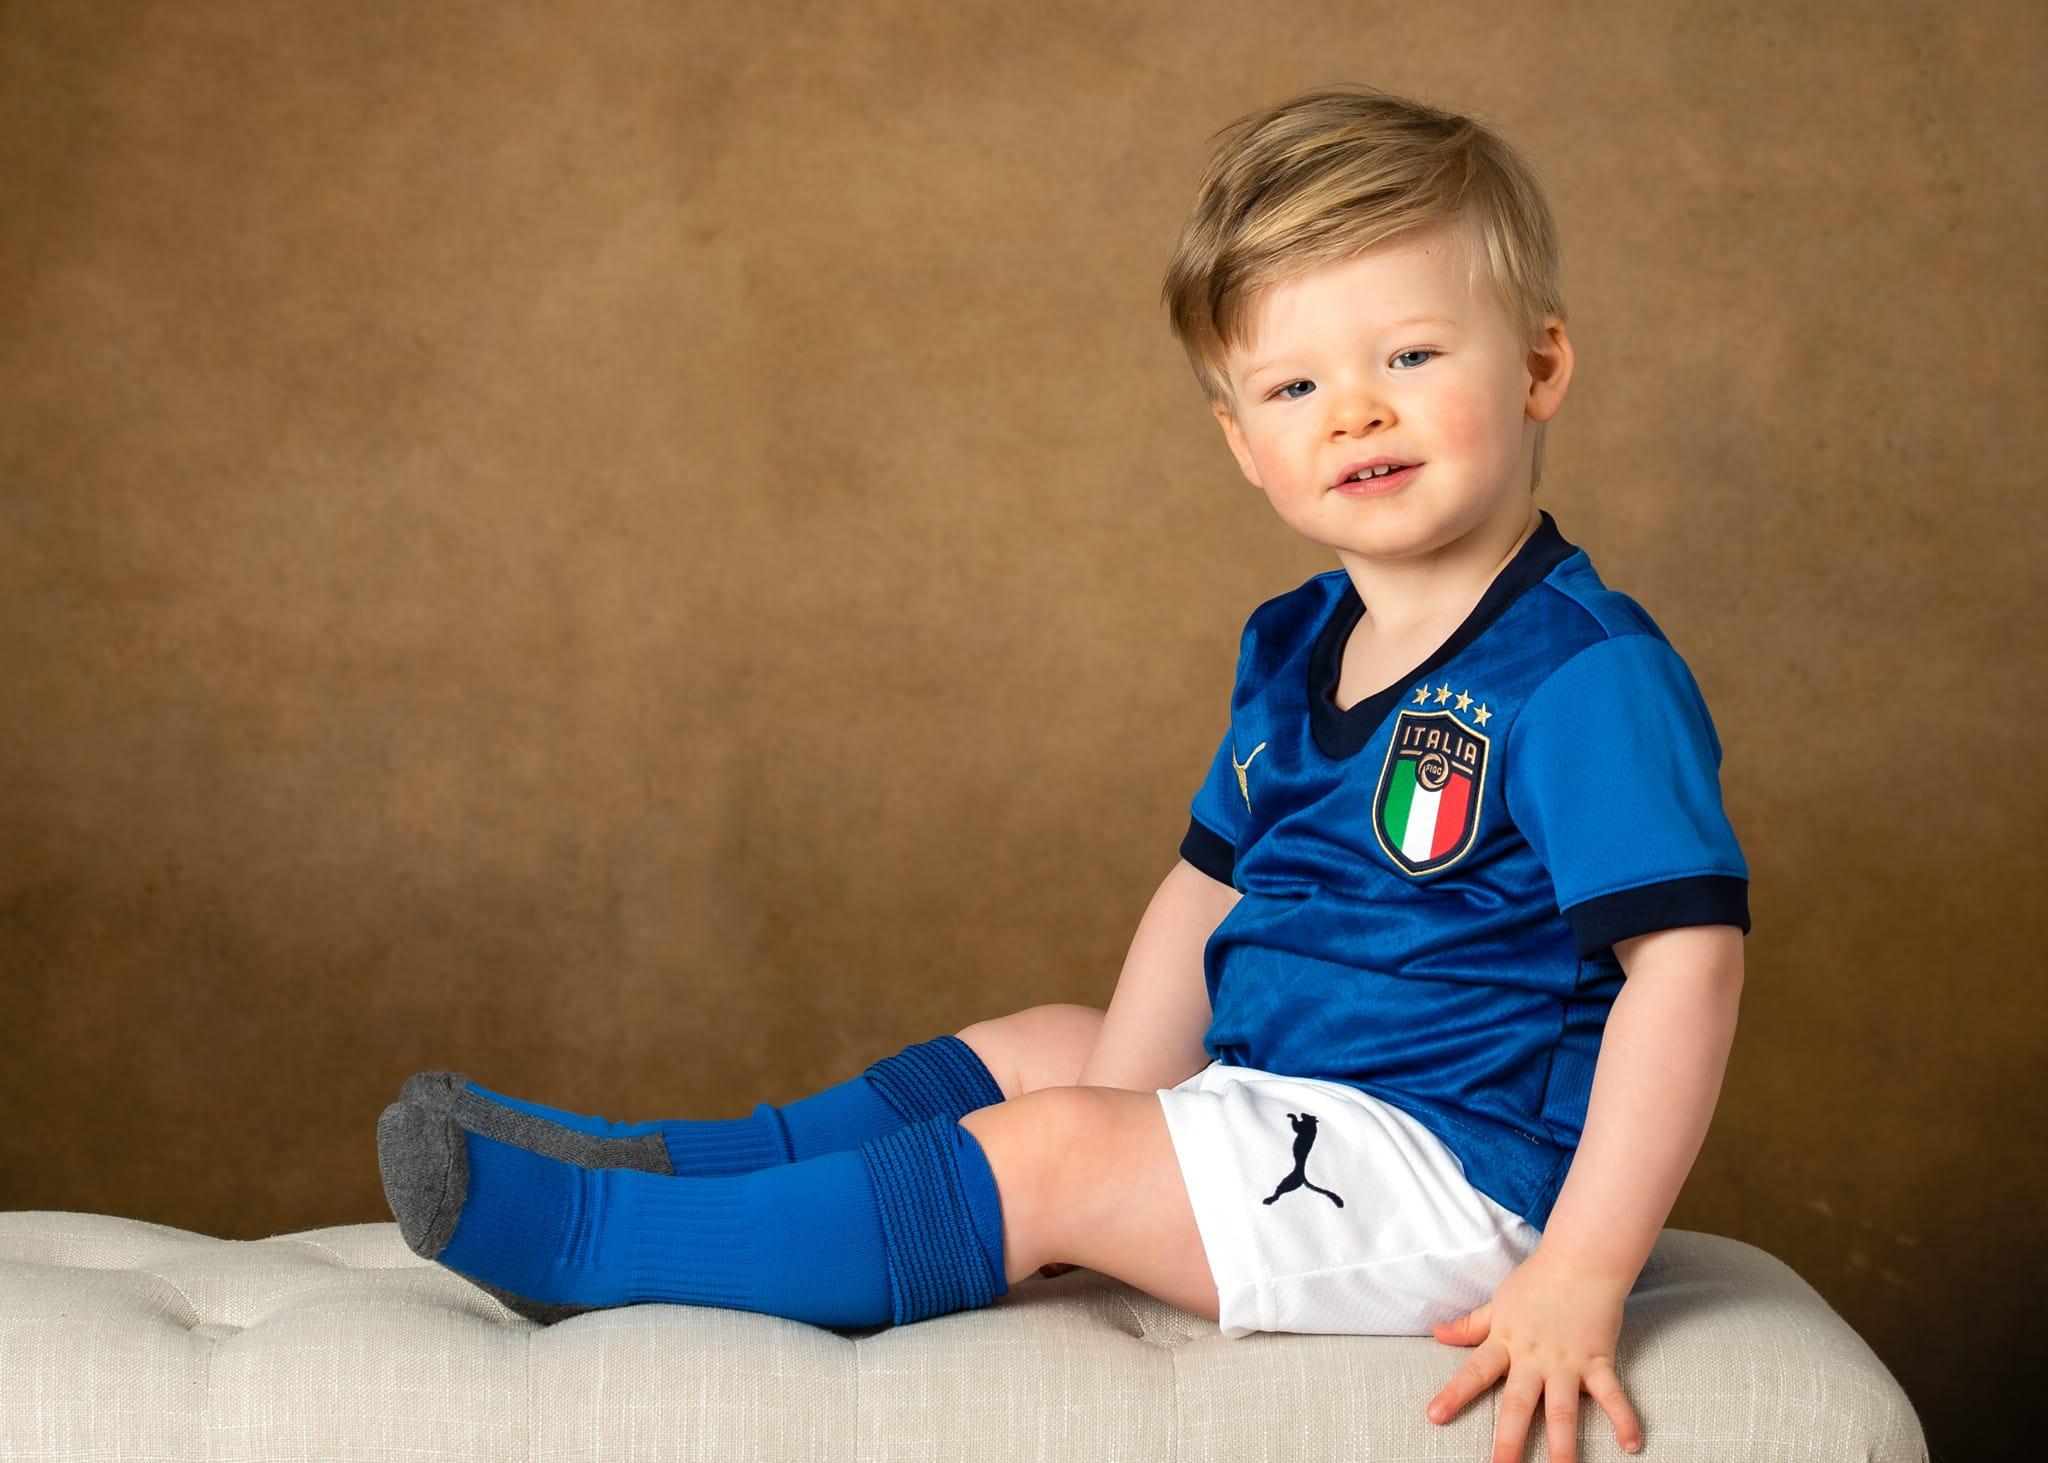 Studiofoto barn 20 mån Kungälv